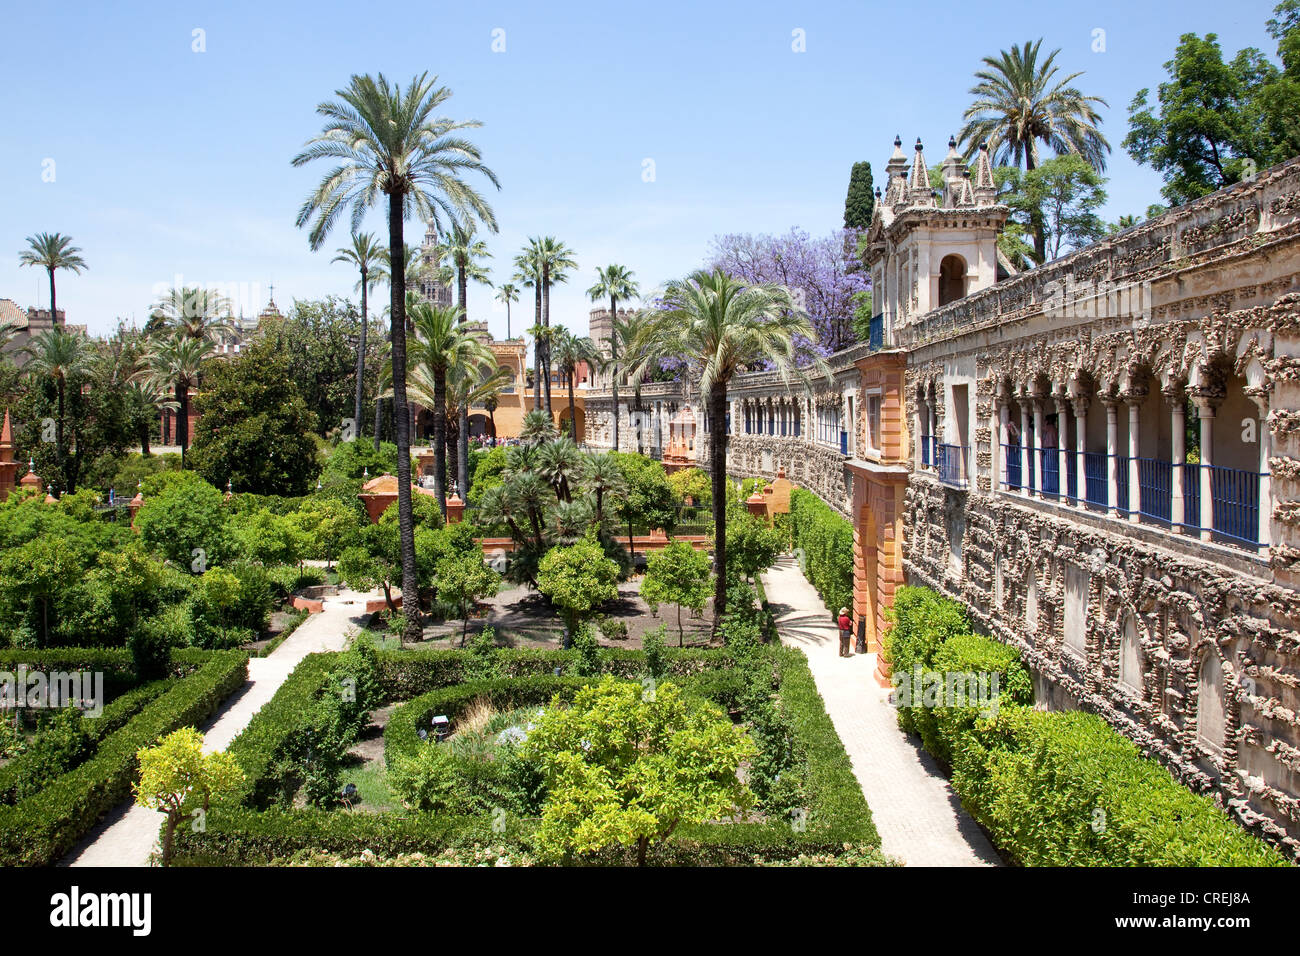 Architetto Di Giardini architettura di giardino nei giardini del re moro del